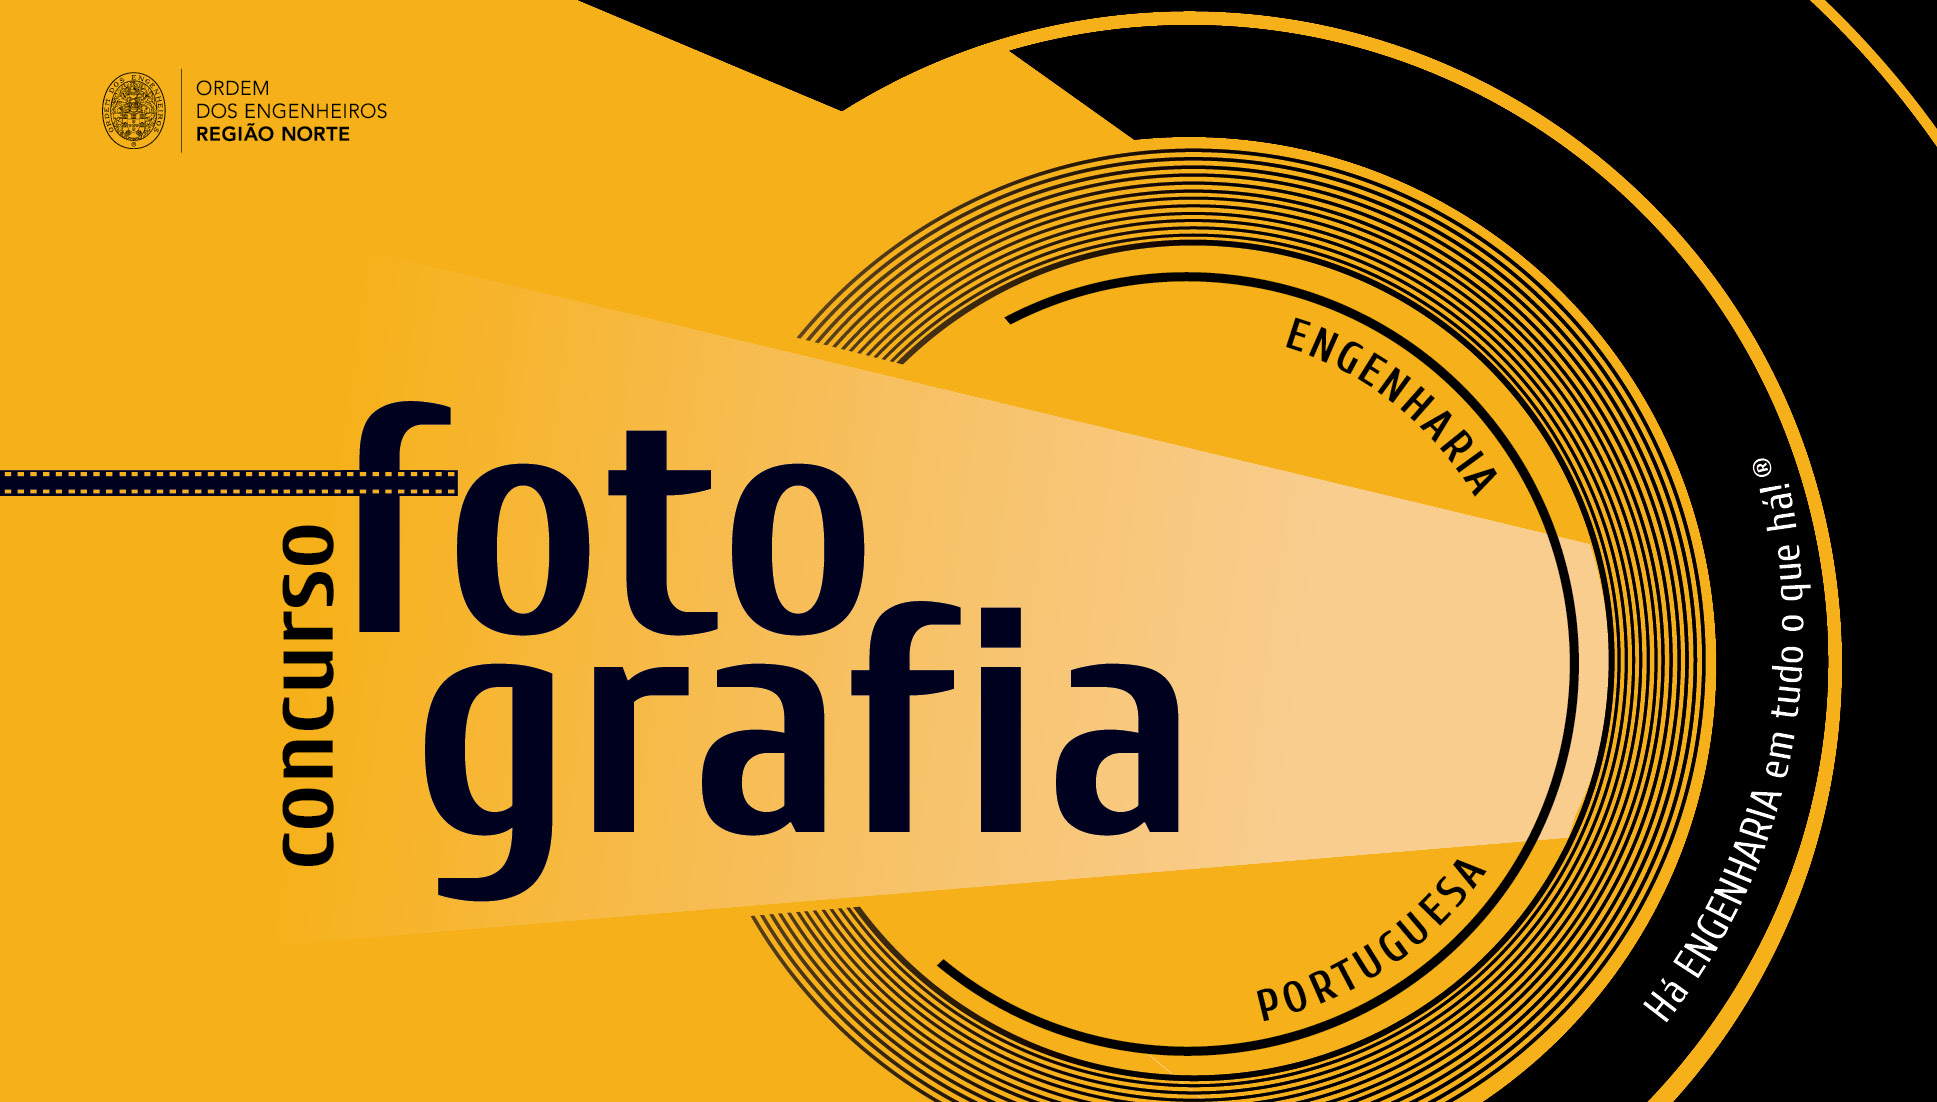 Plataforma Notícias Ordem Engenheiros Região Norte - Concurso de Fotografia para engenheiros dá mil euros de primeiro prémio